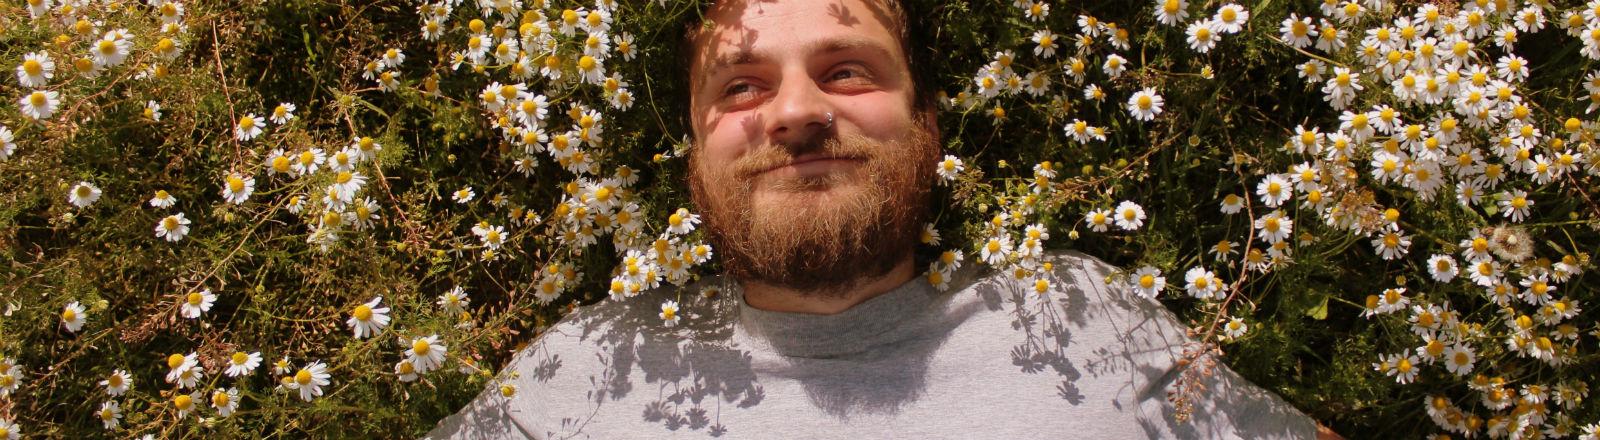 Ein Mann liegt mit breitem Grinsen in einem Feld von Kamillepflanzen.